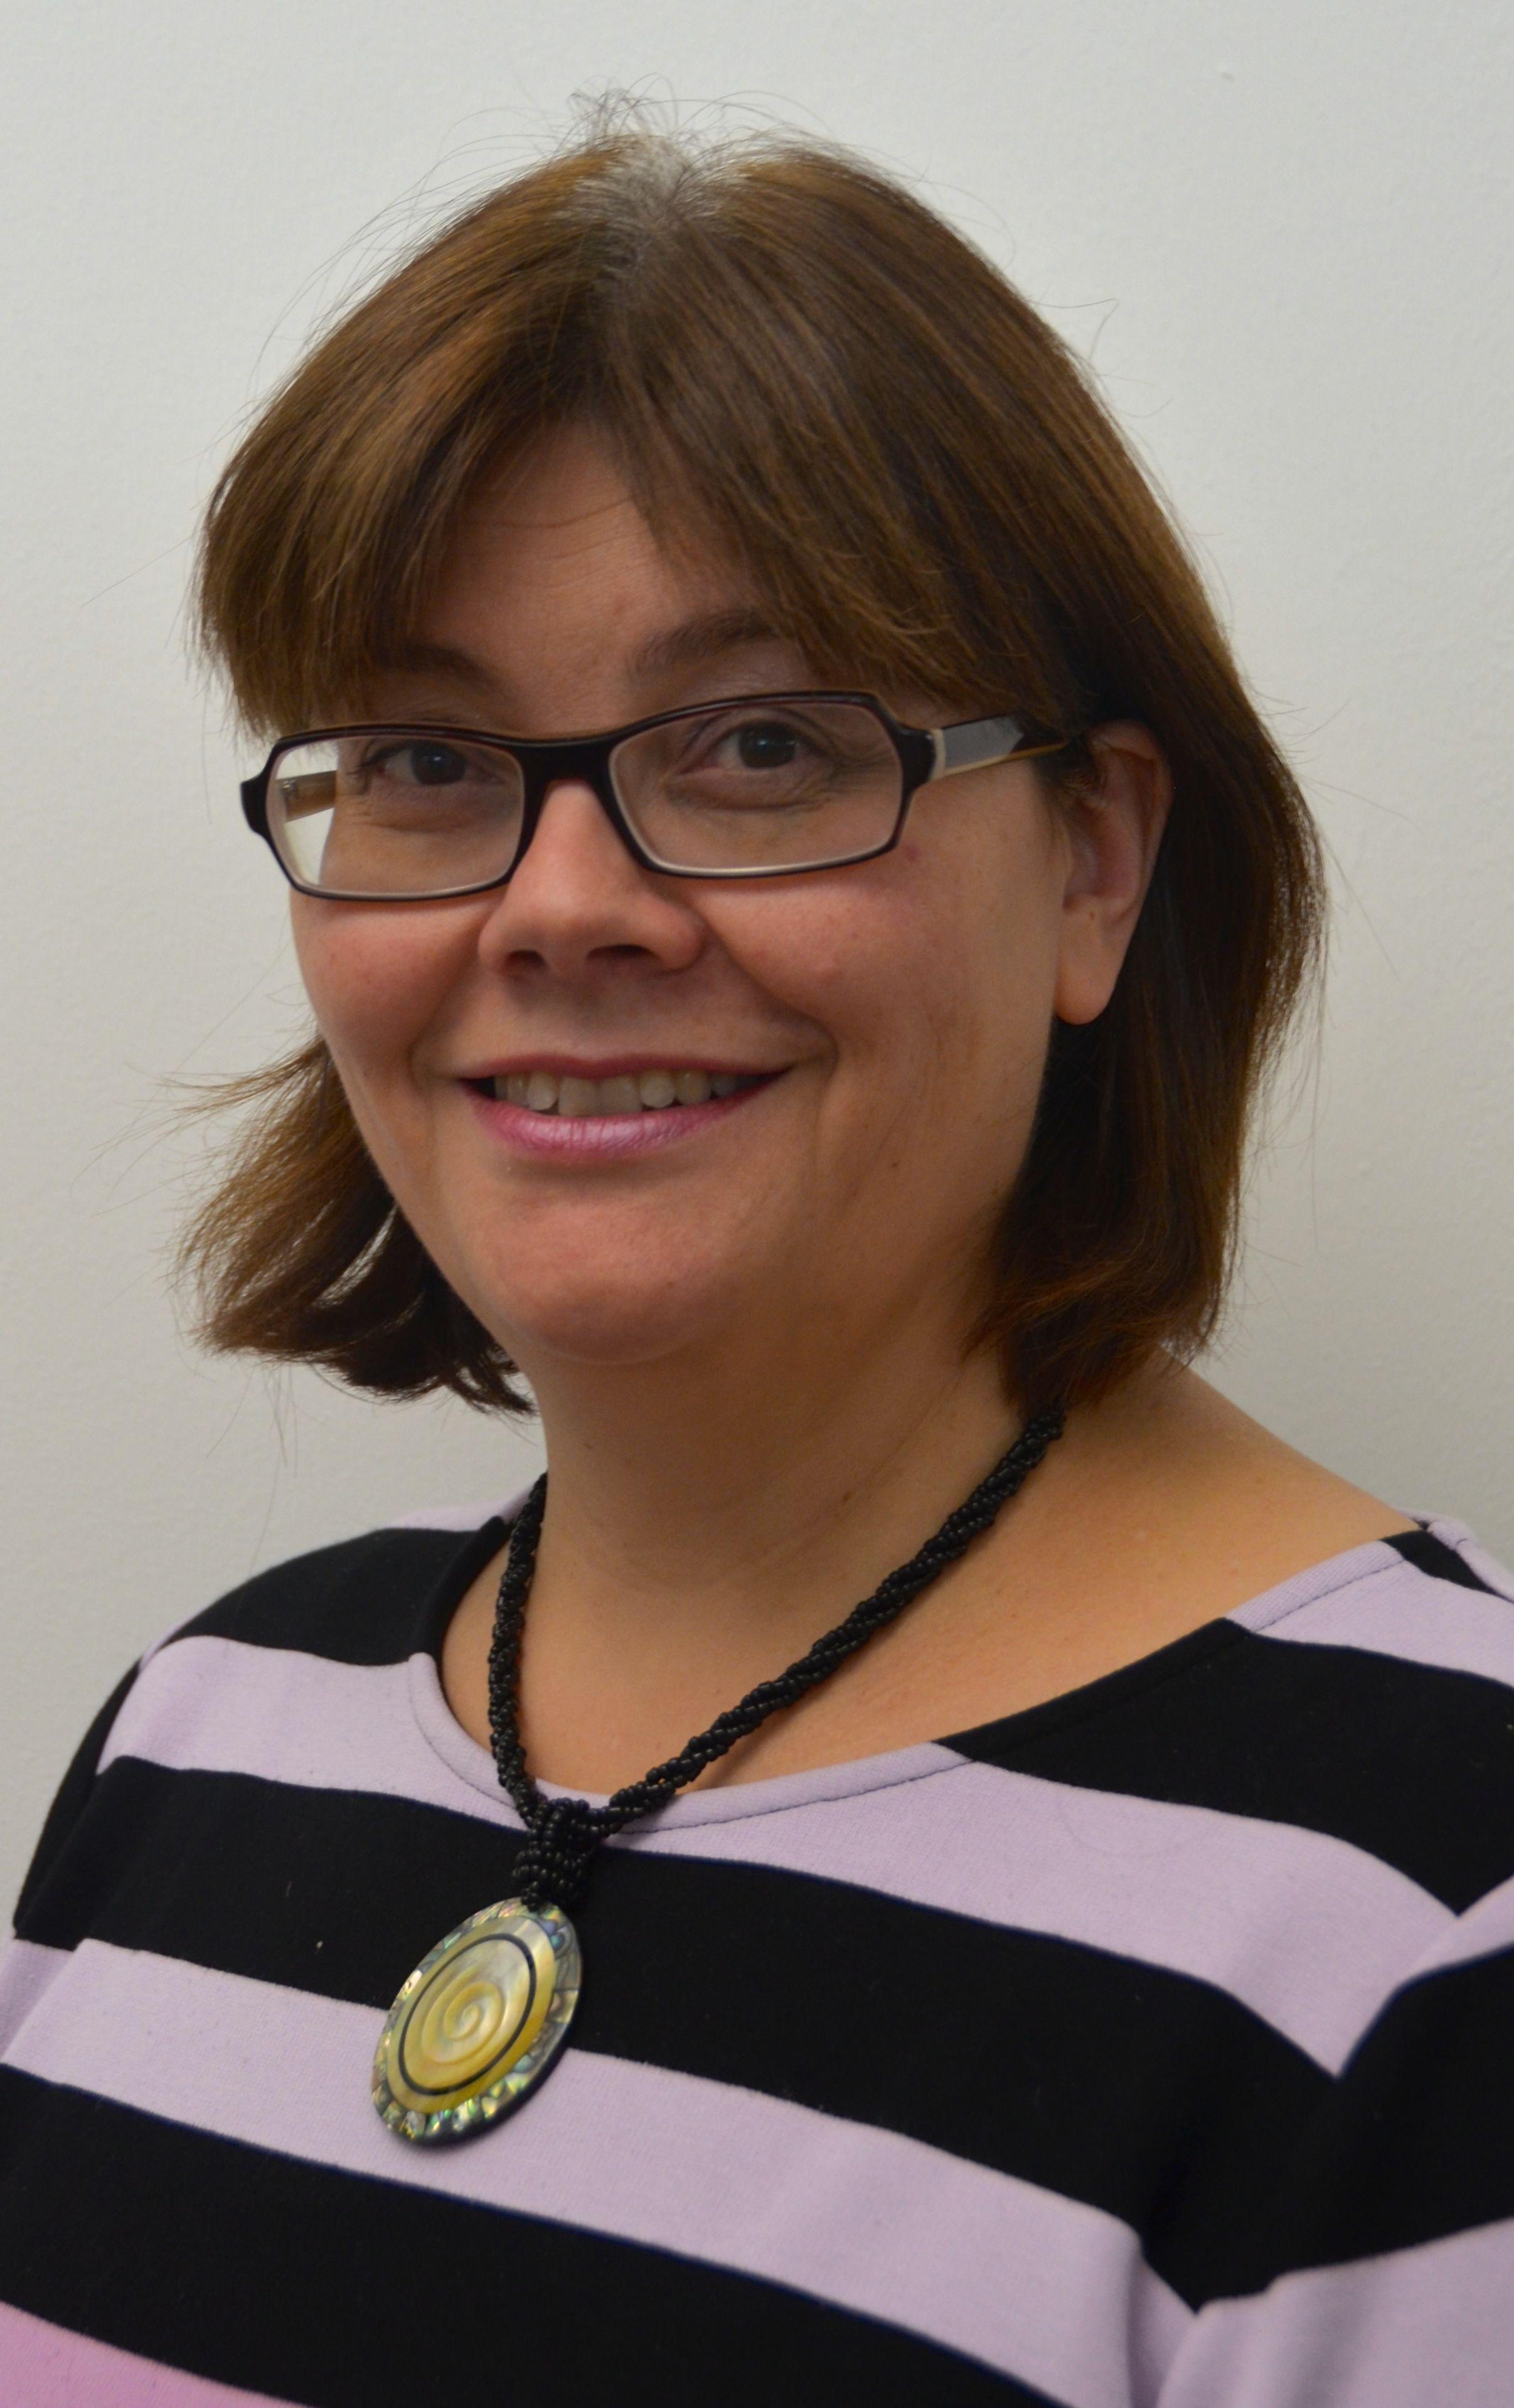 Prof. Dr. Regula Schmid Keeling